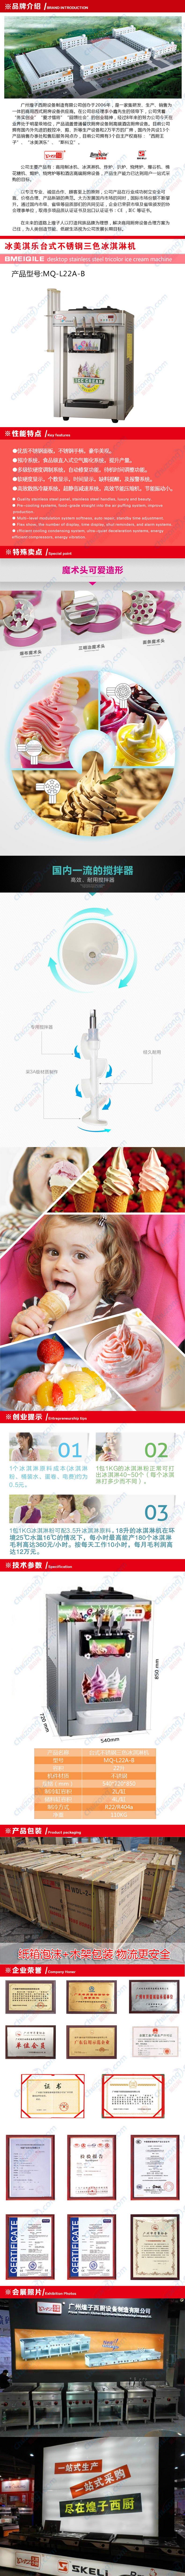 冰美淇樂冰淇淋機MQ-L22A-B